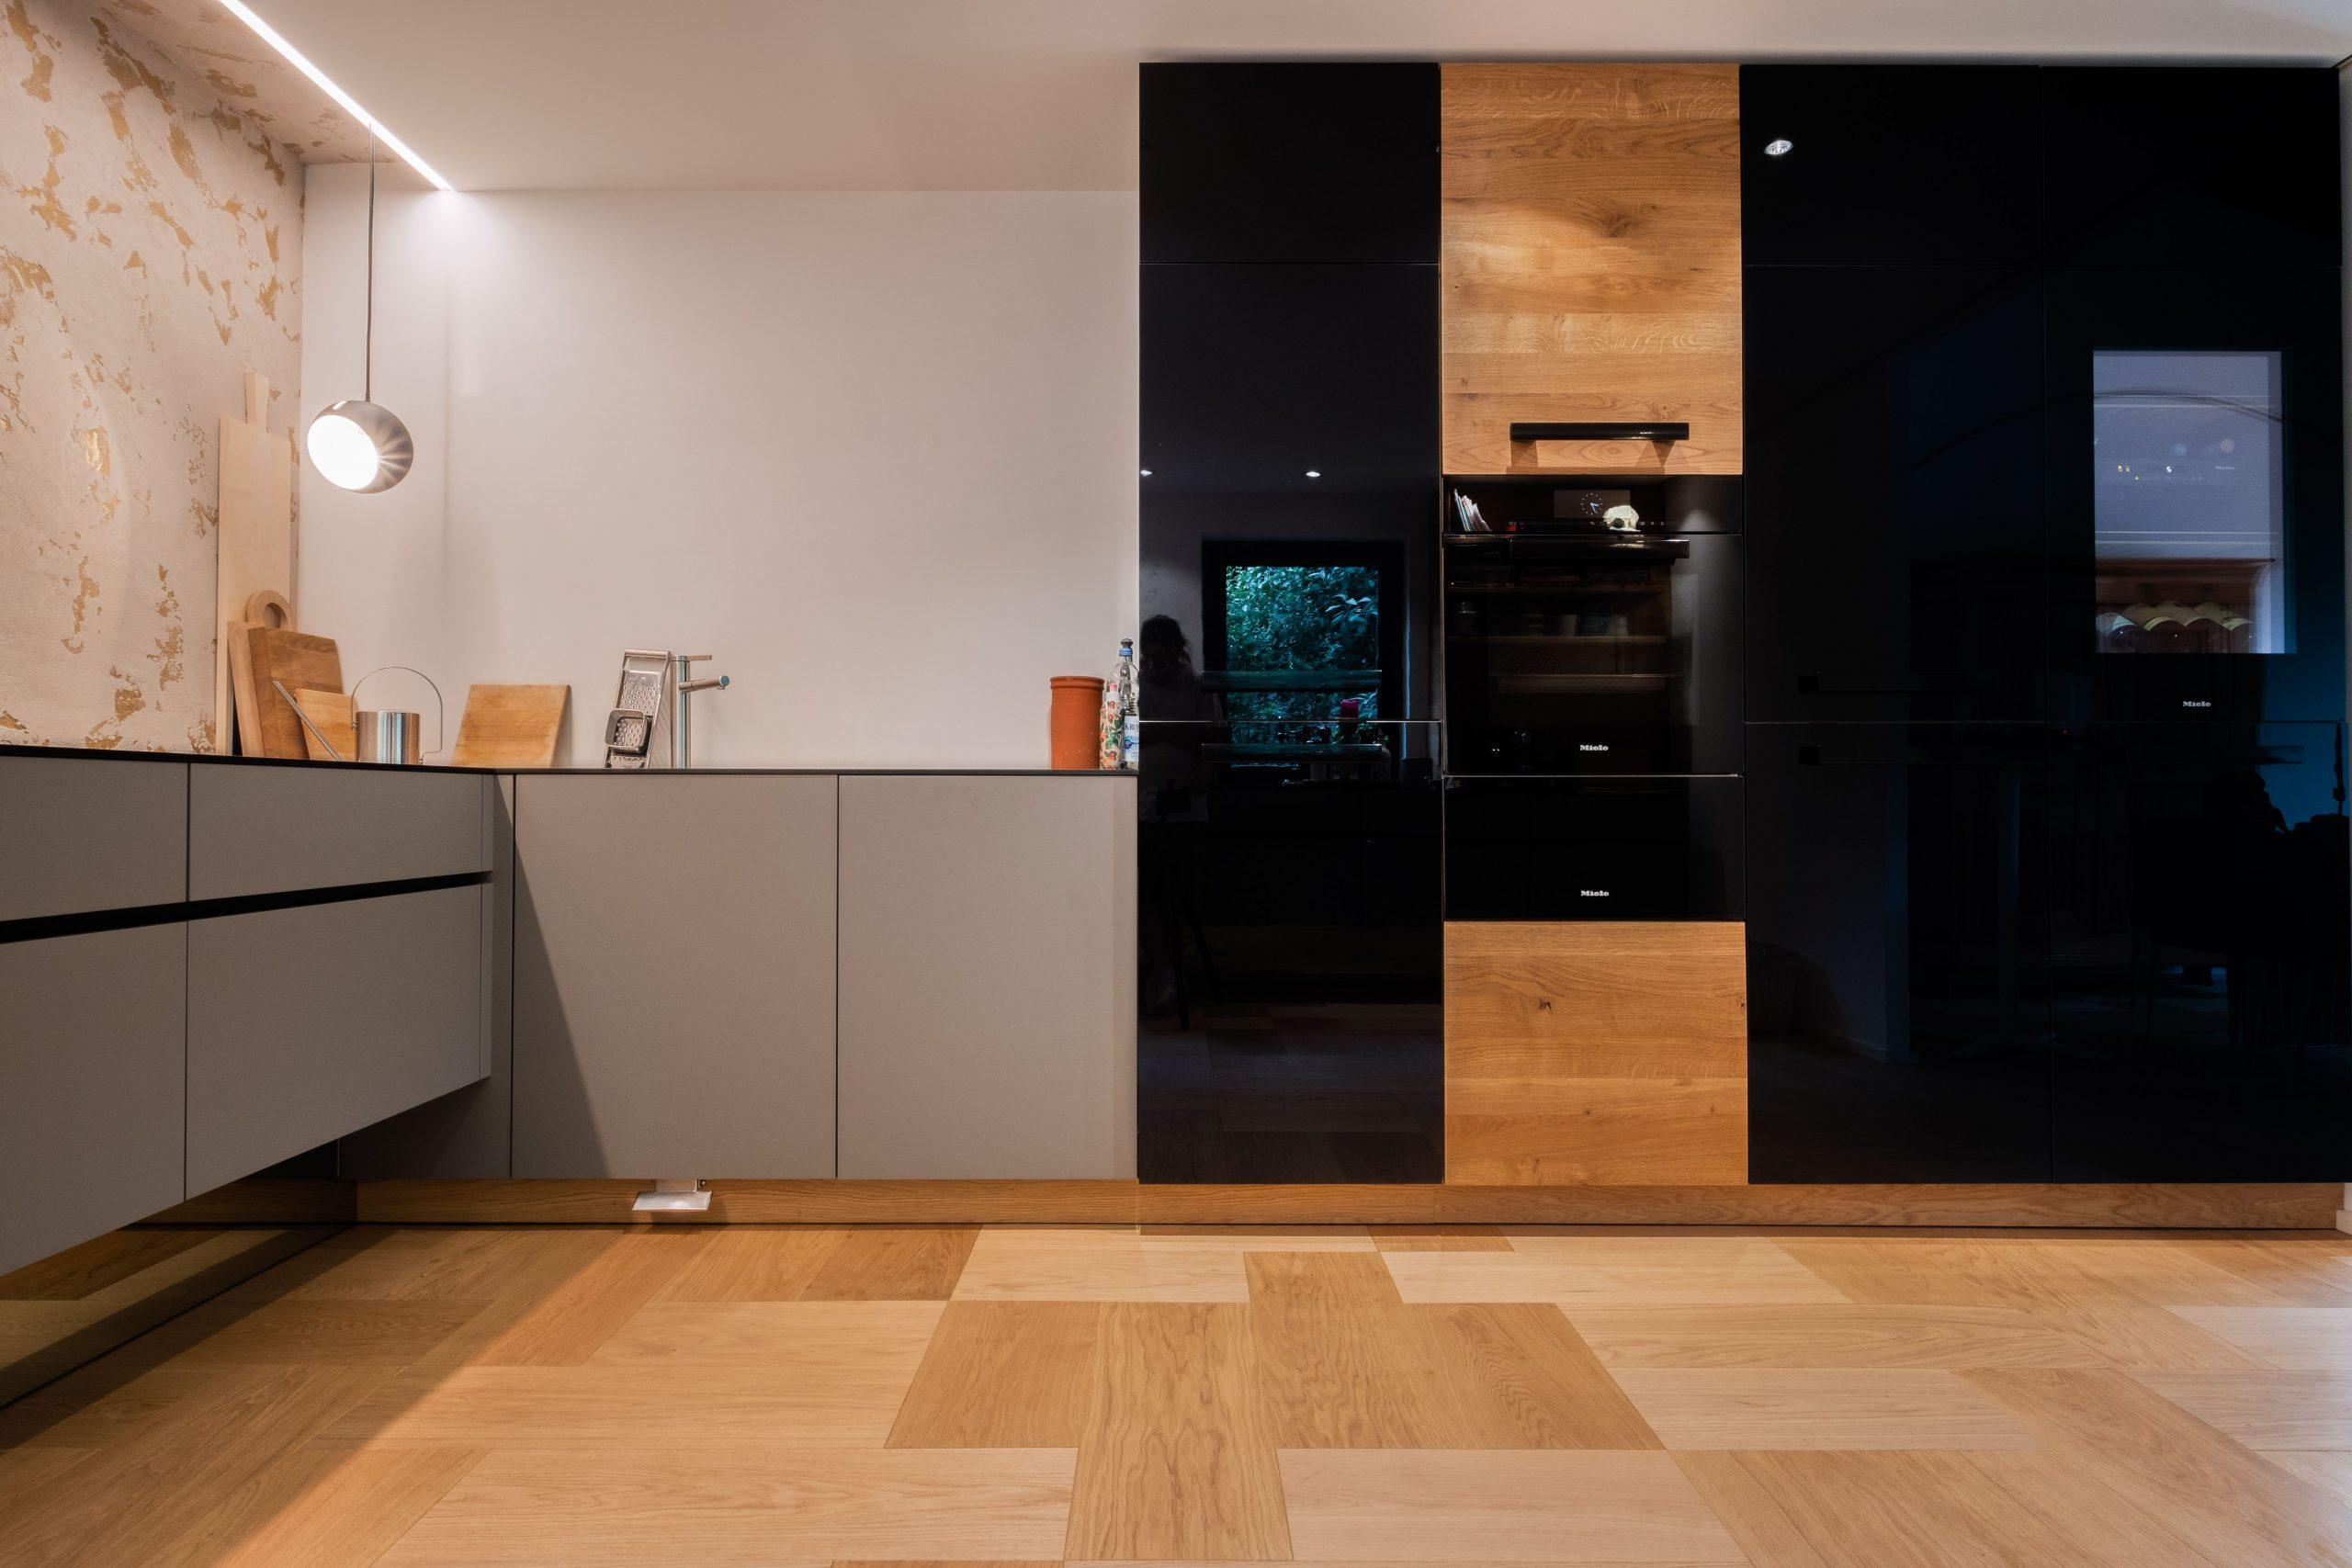 Full Size of Hochschrank Küche Backofen Hochschrank Küche Kühlschrank Hochschrank Küche Ausziehbar Hochschrank Küche Mit Auszug Küche Hochschrank Küche